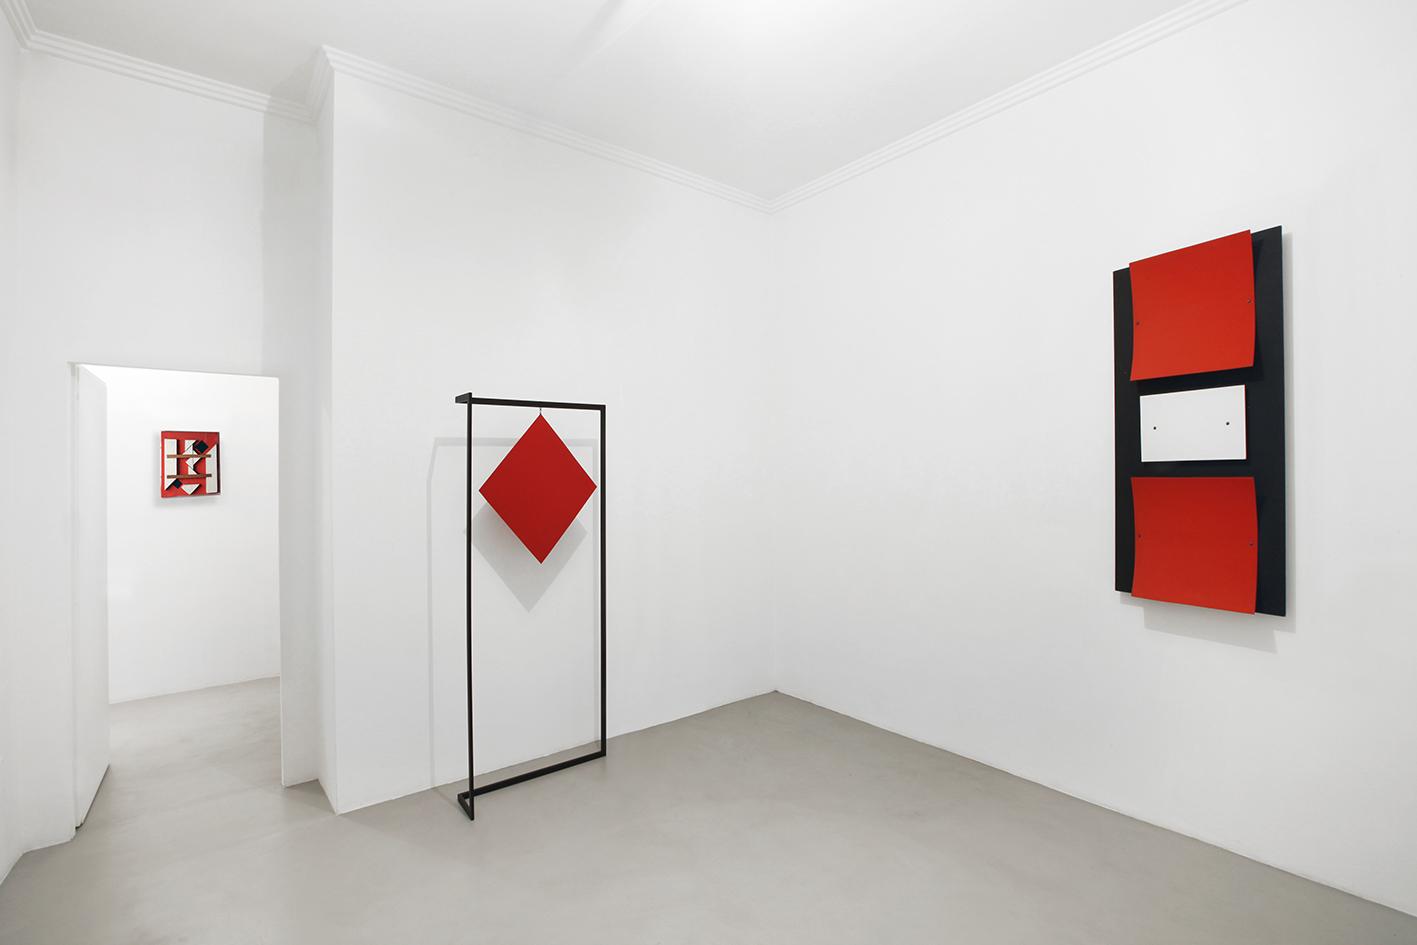 Nicola Carrino - exhibition view at A arte Invernizzi, Milano 2016